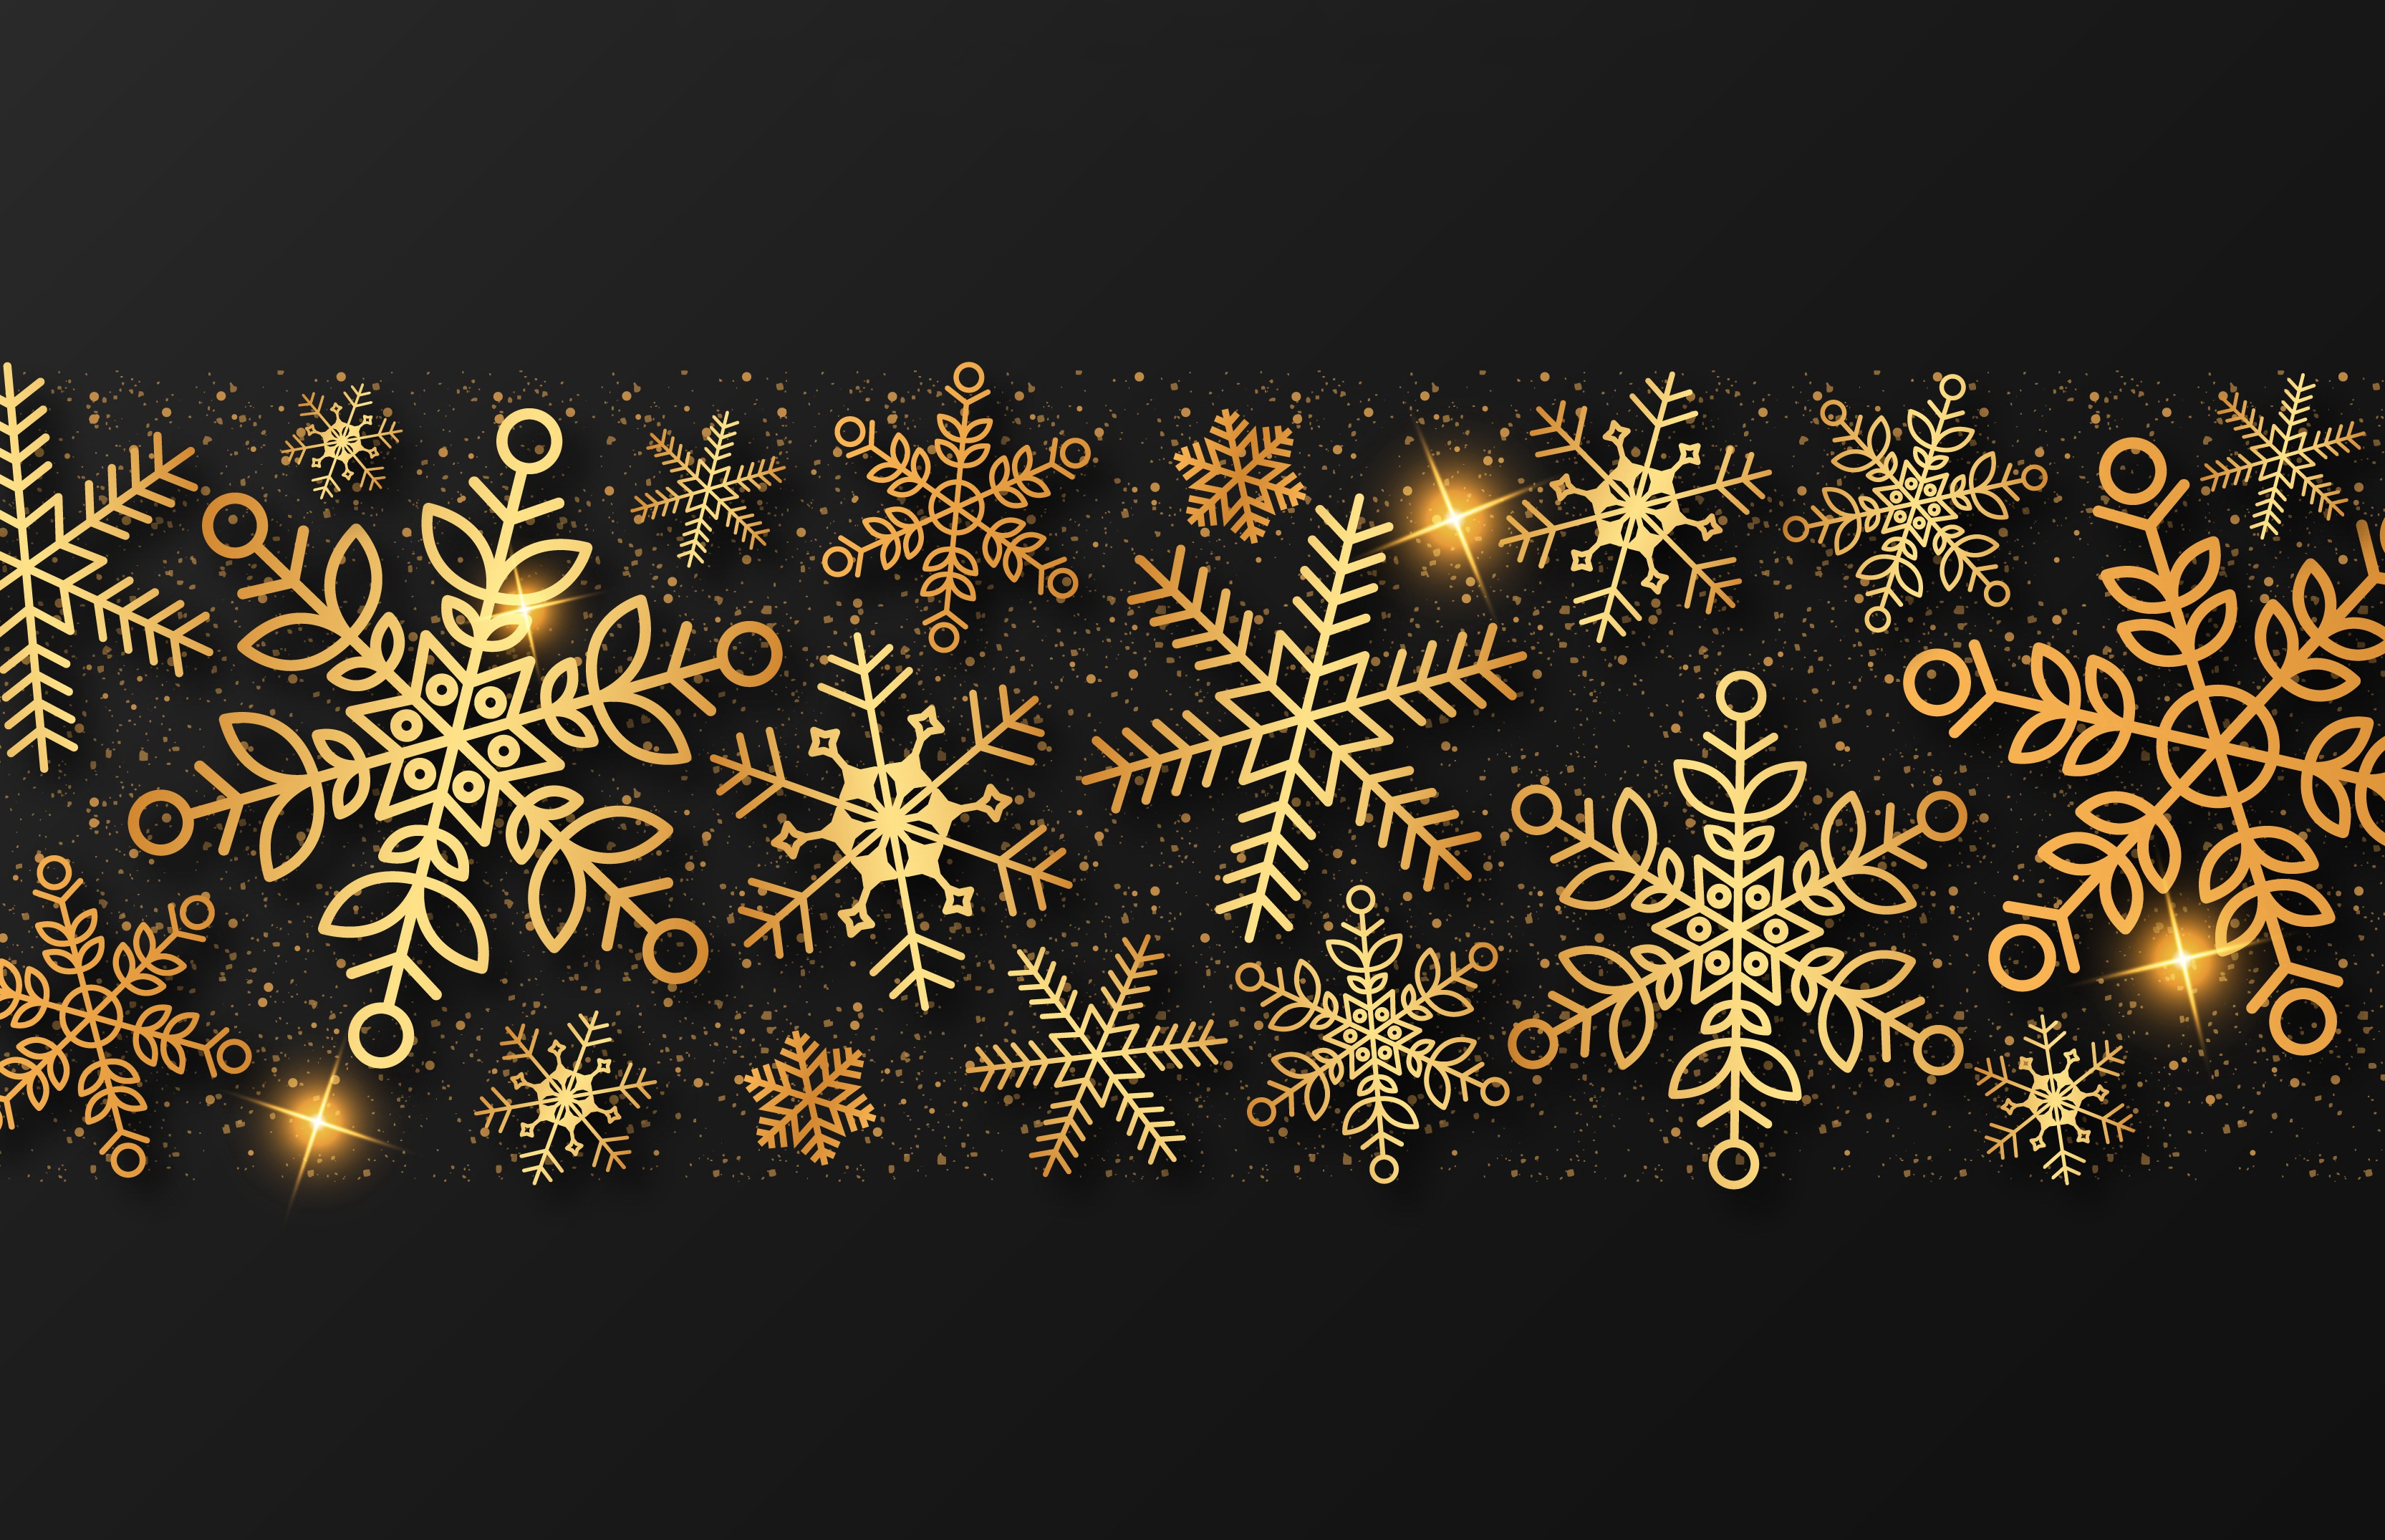 Снег новый год картинки в черно золотых тонах